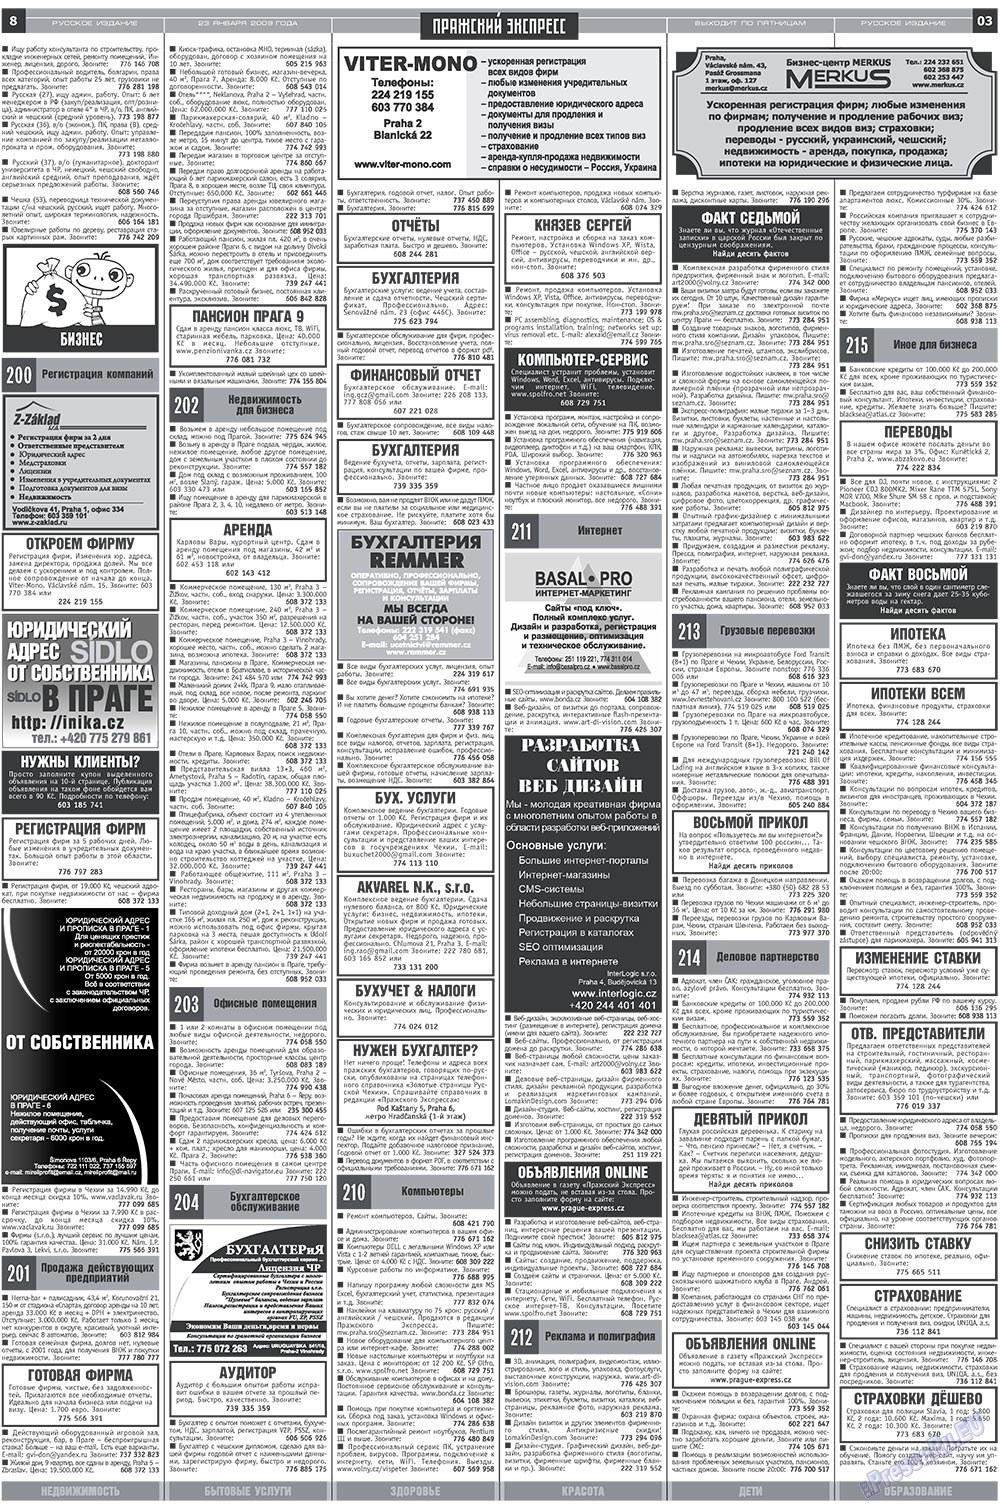 Пражский экспресс (газета). 2009 год, номер 3, стр. 8